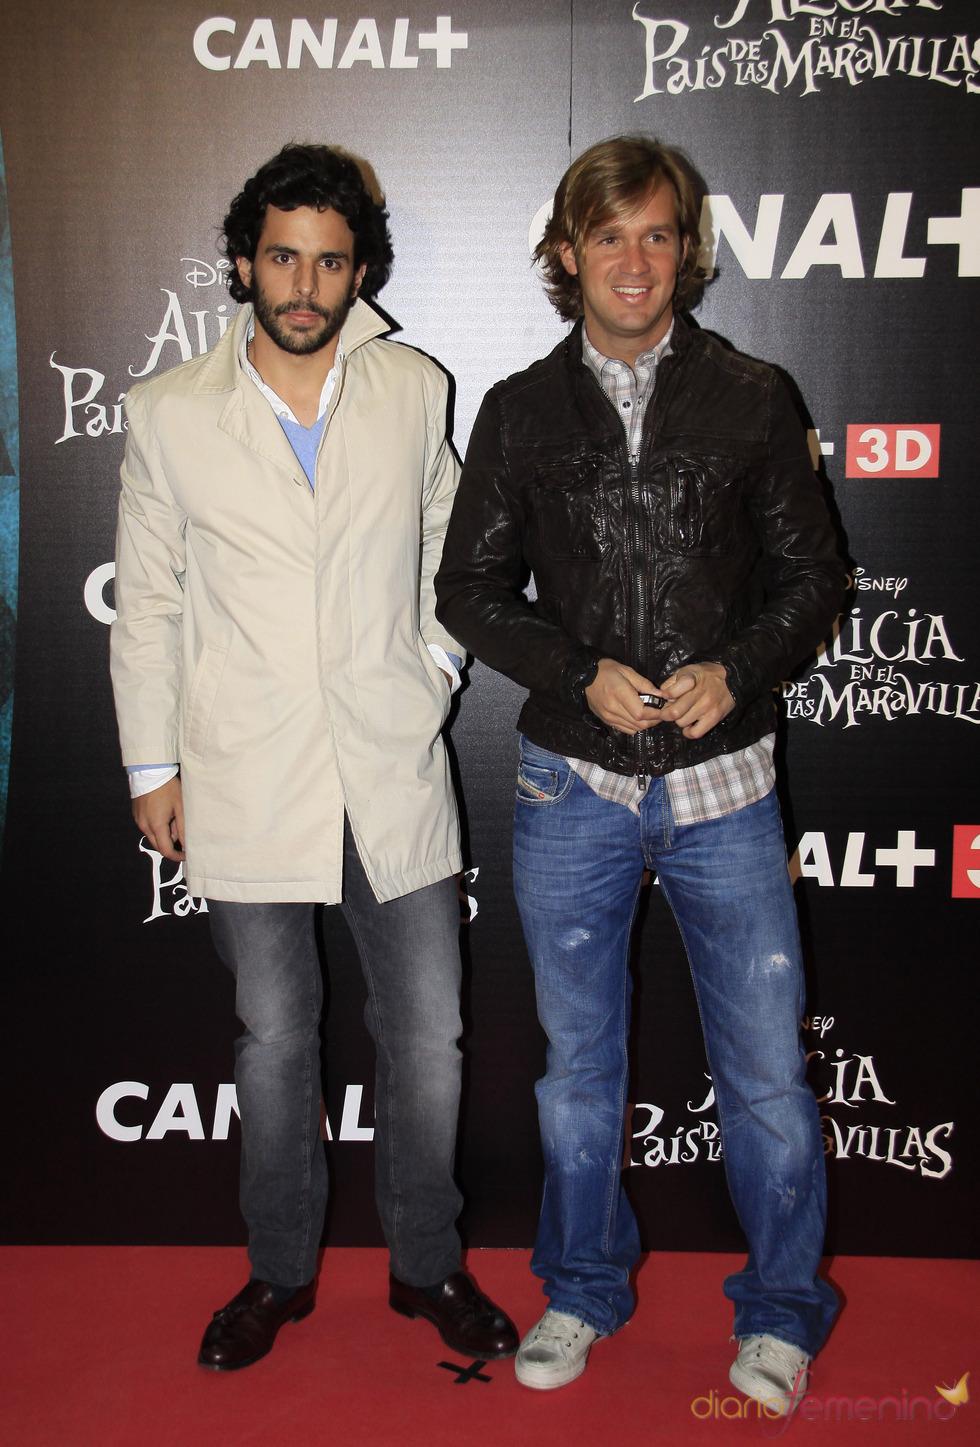 Rosauro Baro y Alonso Aznar van a ver 'Alicia en el país de las maravillas'